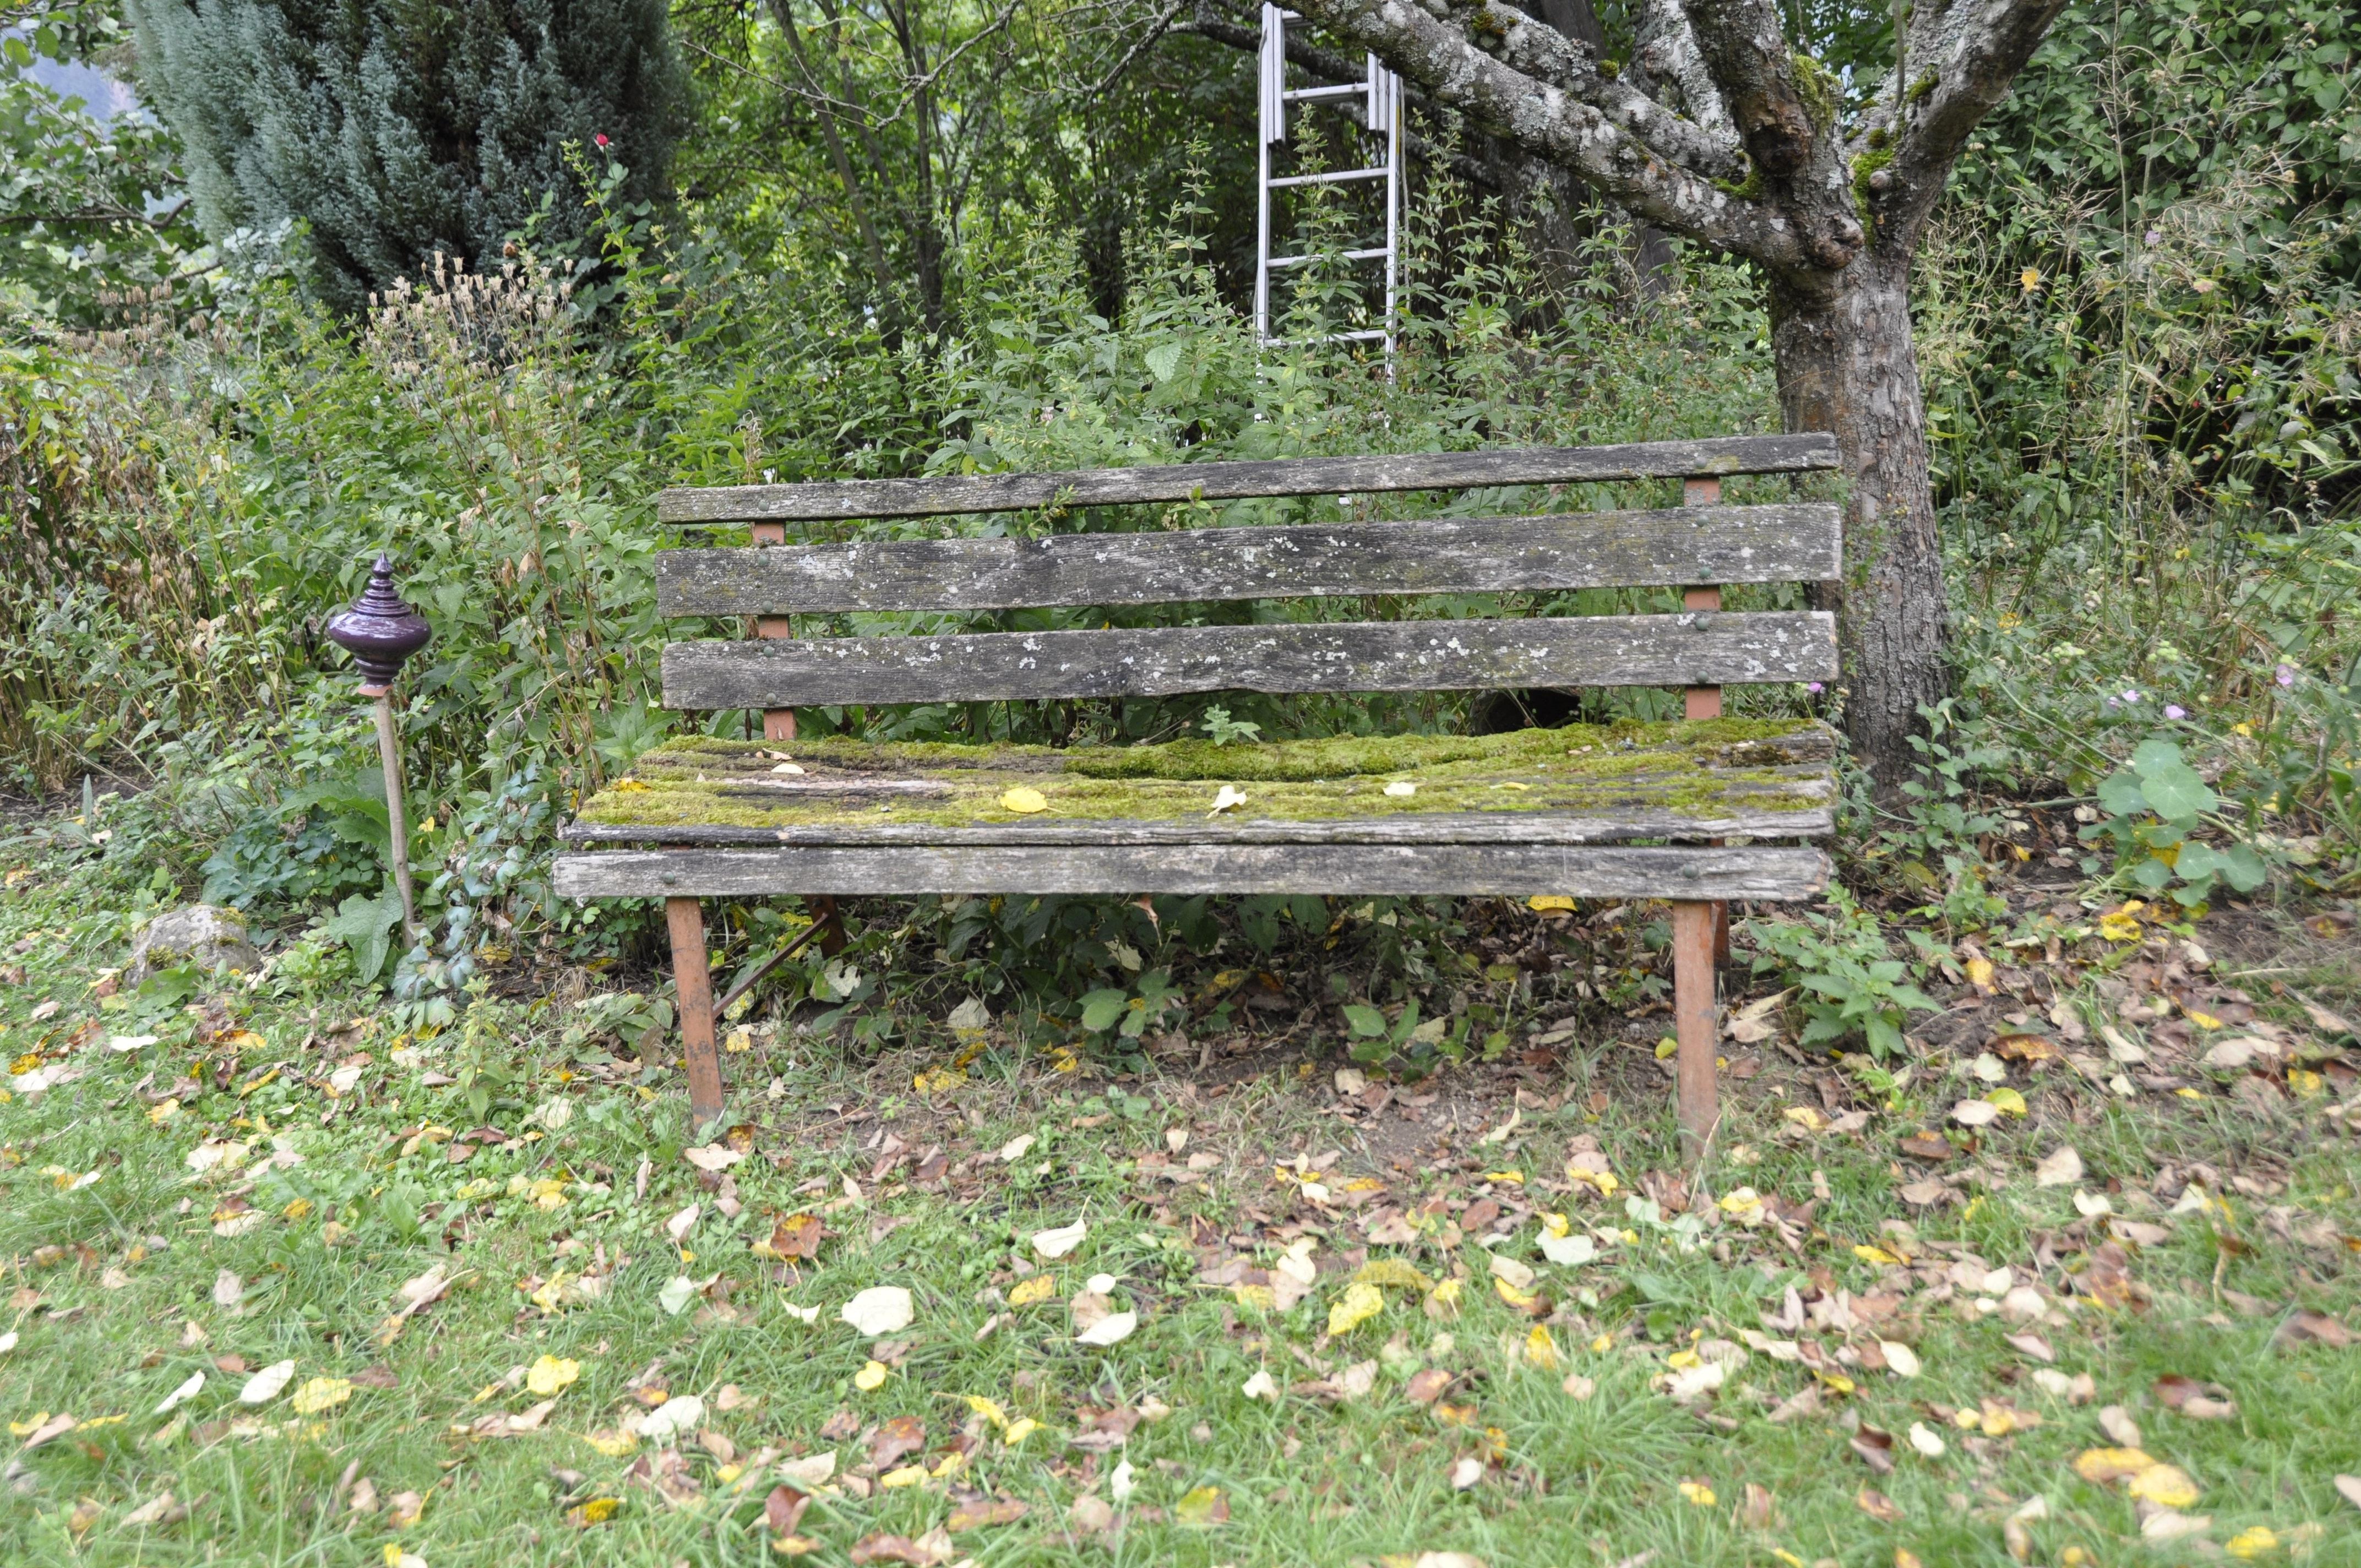 Fotos gratis : naturaleza, bosque, sendero, banco, prado, musgo ...